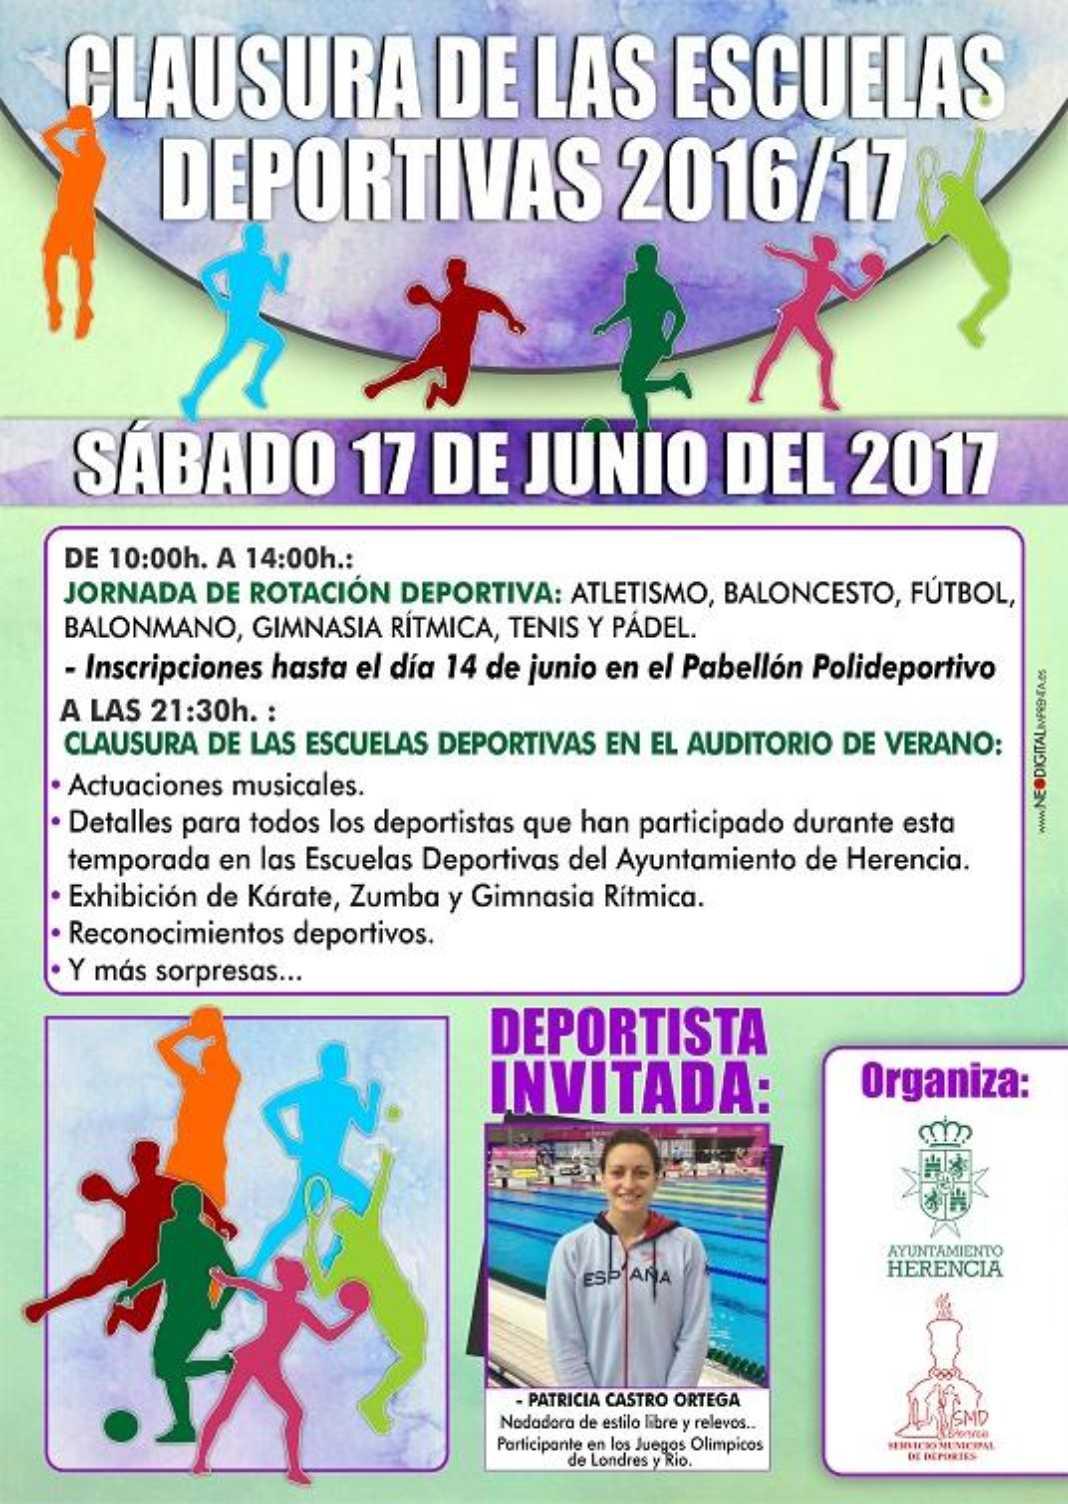 Cartel 2017 clausura deportes 1068x1504 - Clausura de las Escuelas Deportivas